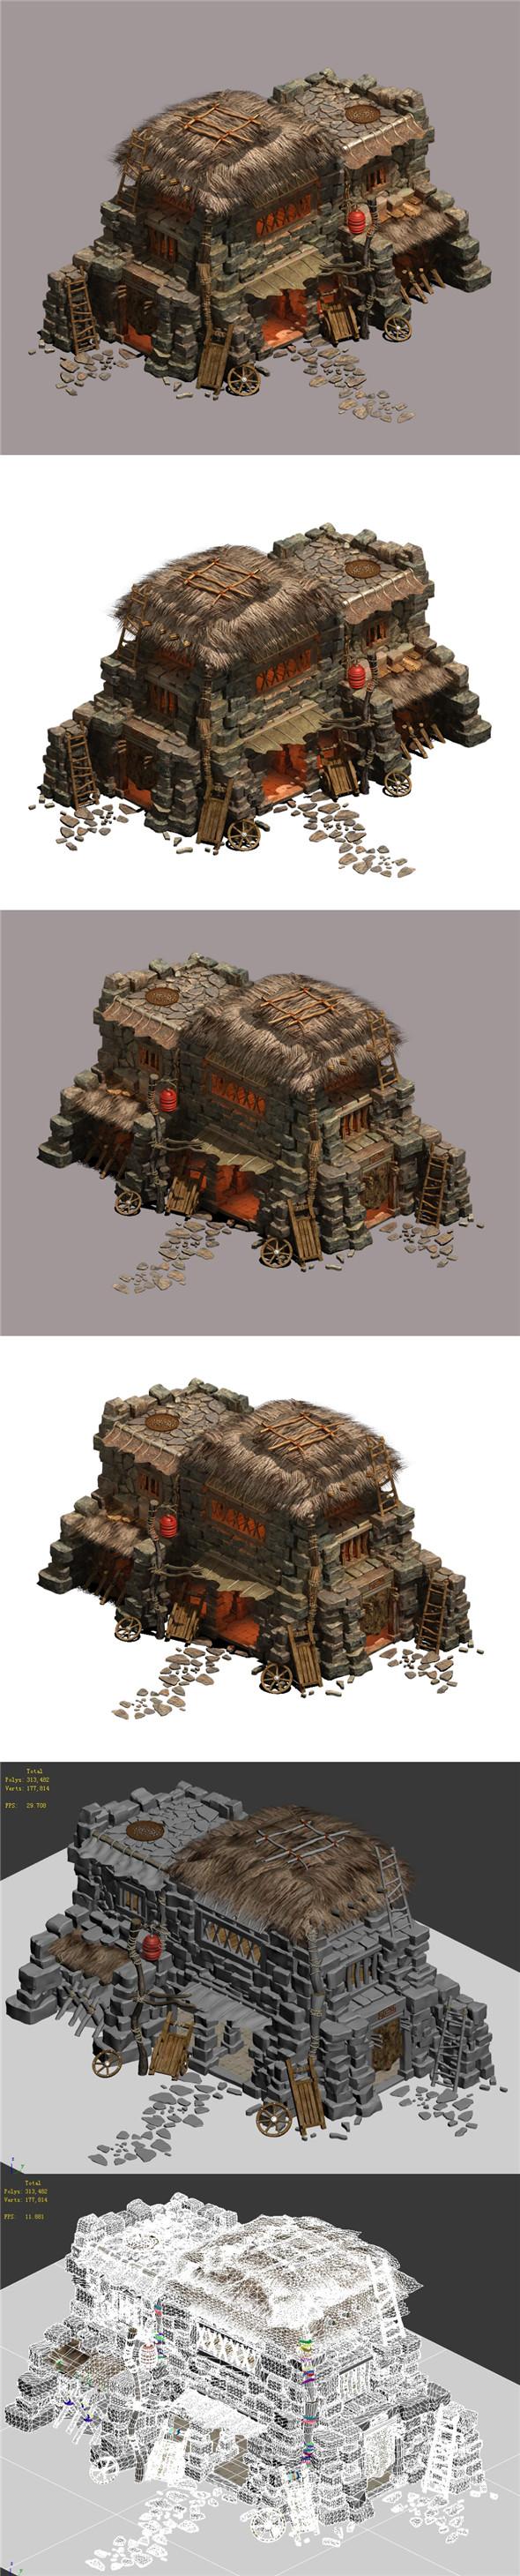 Desert - Straw House - 3DOcean Item for Sale